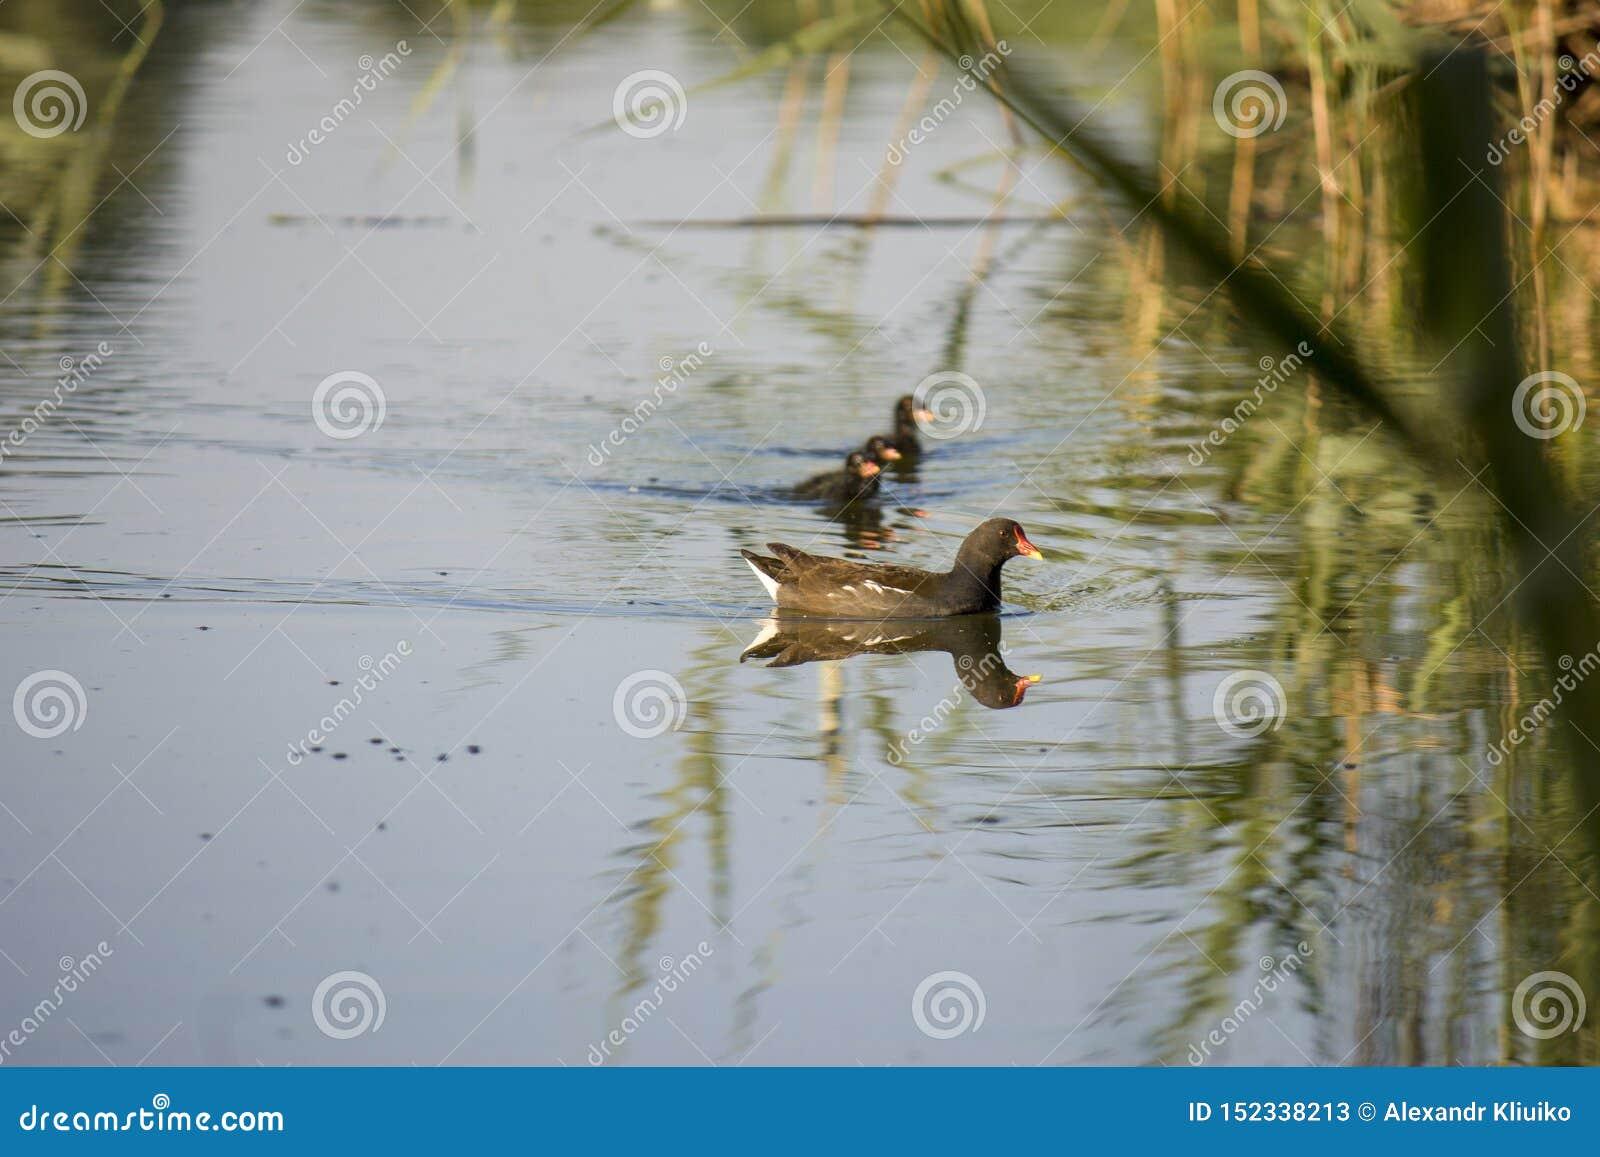 Pulcino della gallinella d acqua, anatra selvatica con le nuotate rosse del becco di un chloorpus del Gallinula sullo stagno nel